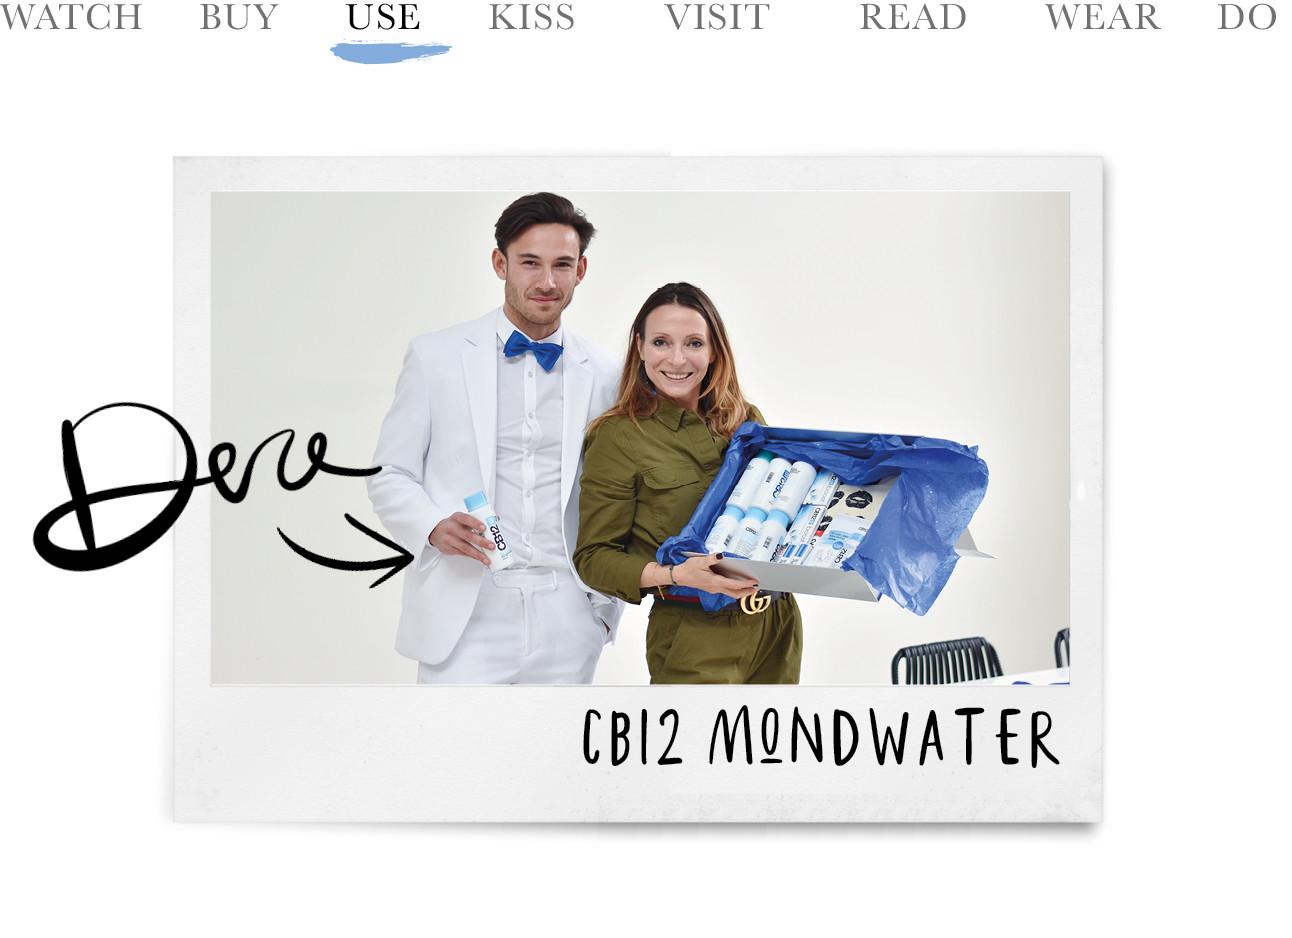 may-britt mobach met een doos cb12 mondwaters op de foto met breath pitt in een wit pak met blauwe strik. today we use